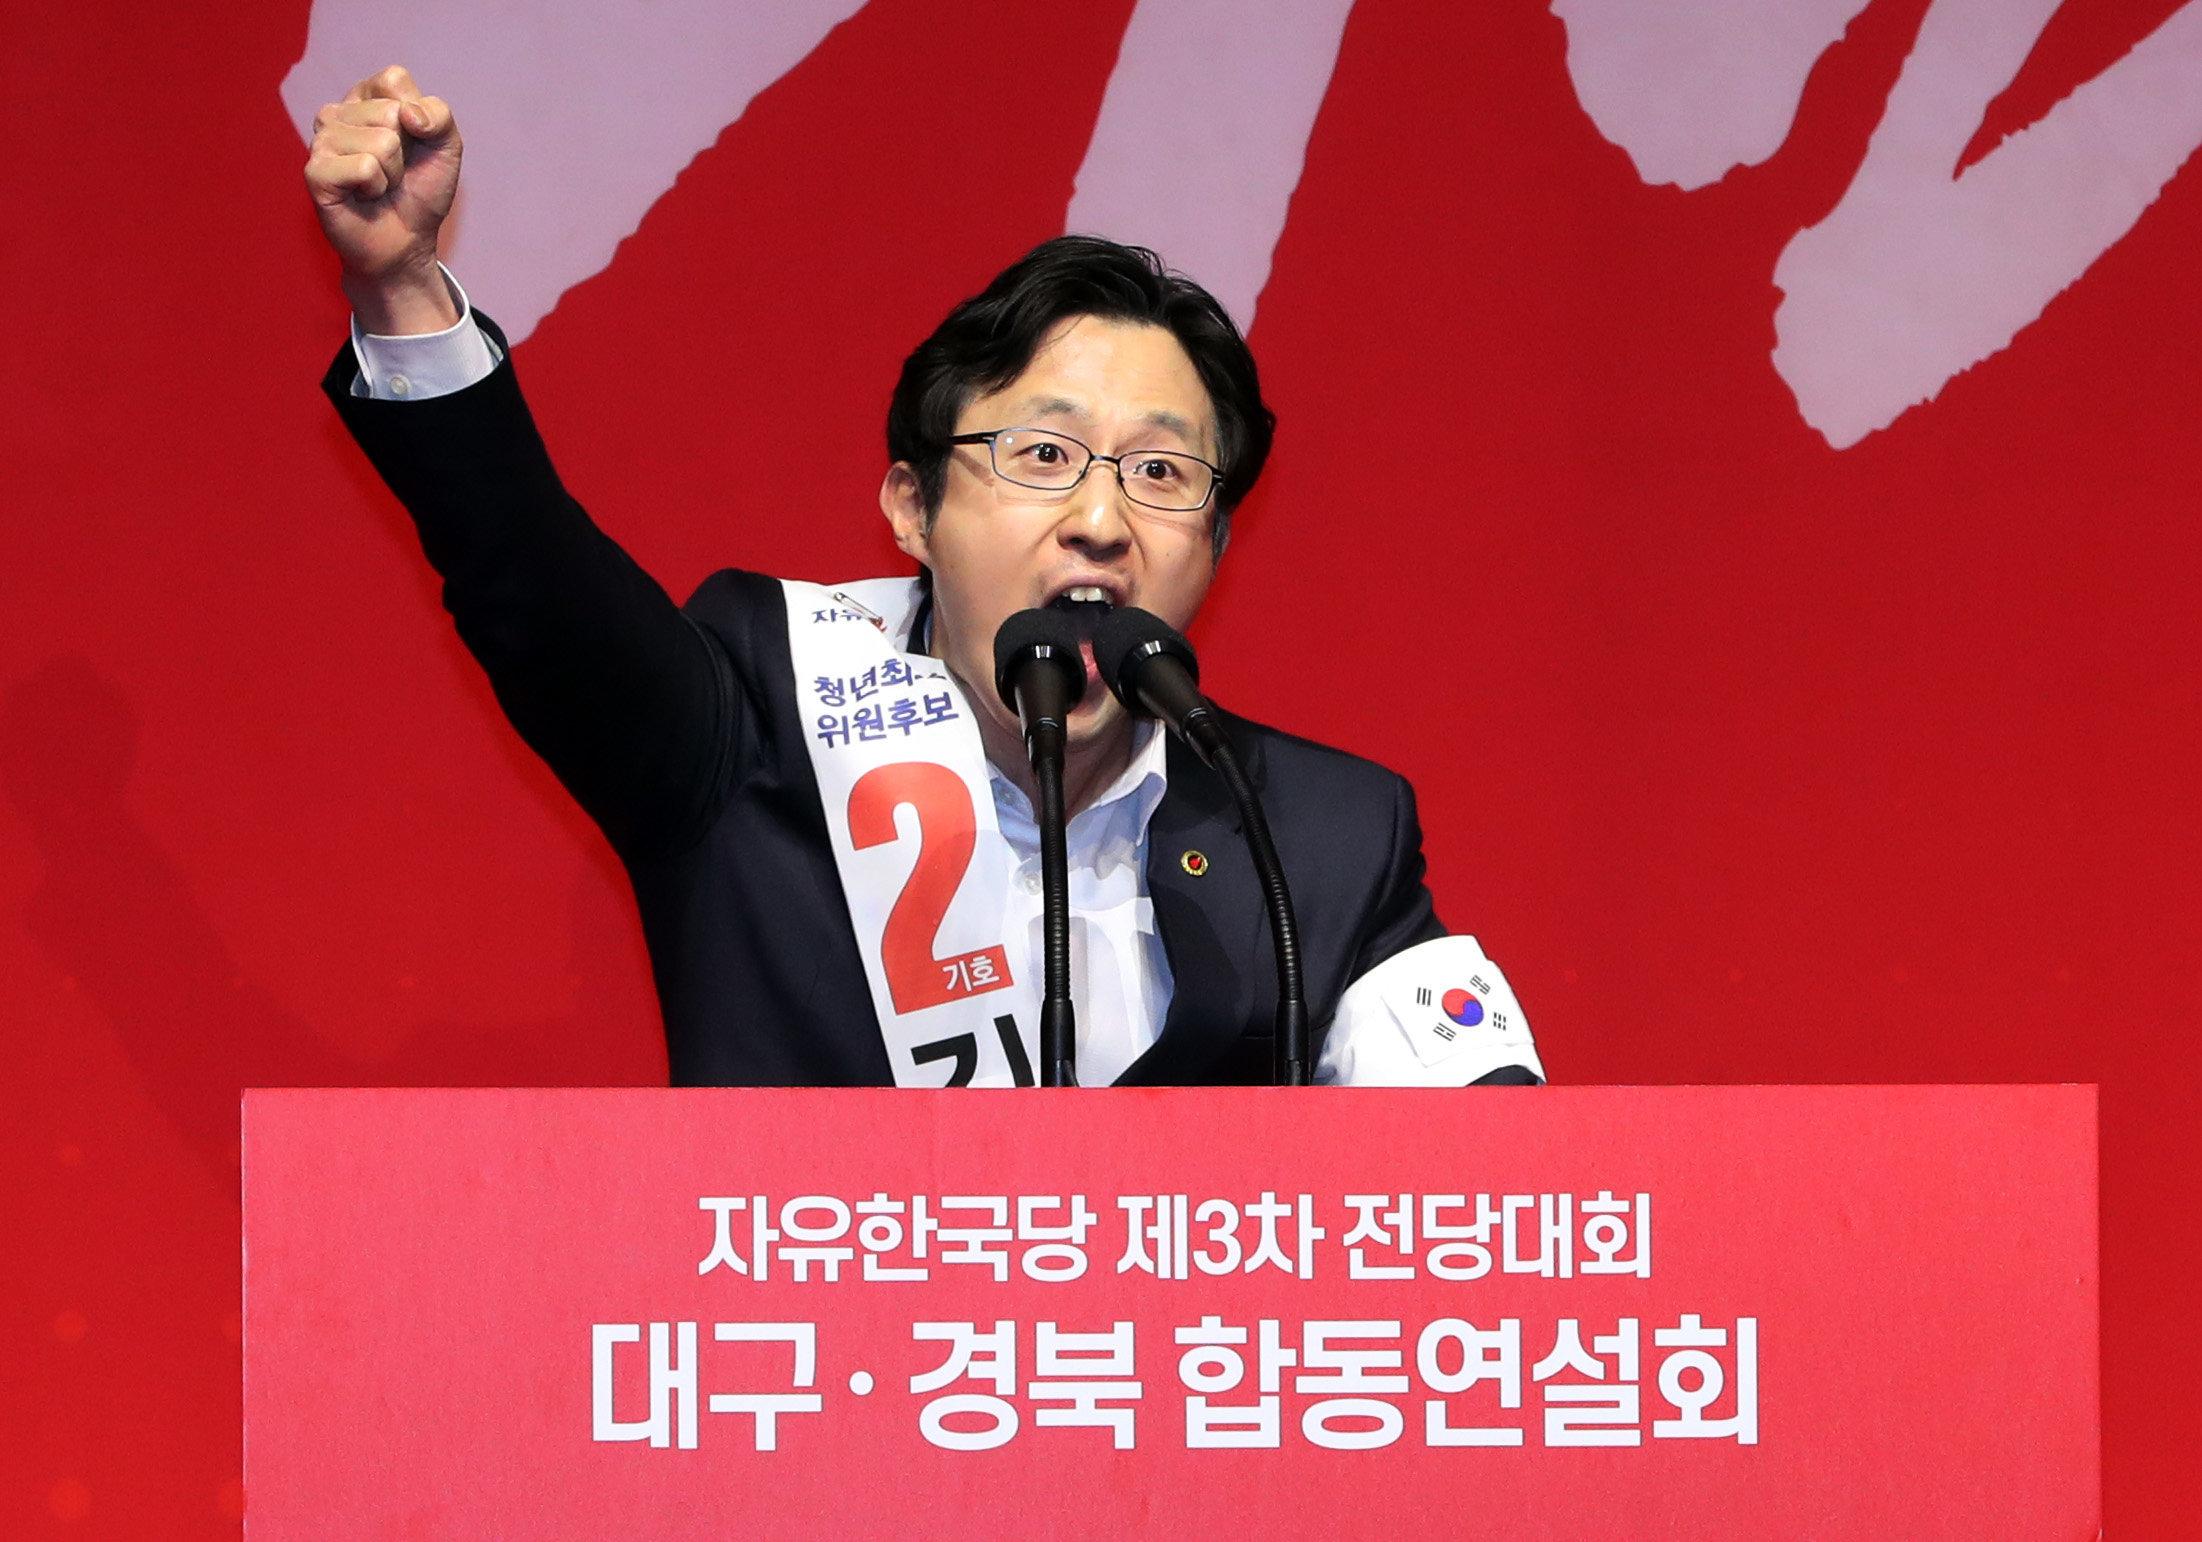 이준석 바른미래당 최고위원이 봤던 과거의 김준교는 지금과 조금 달랐다